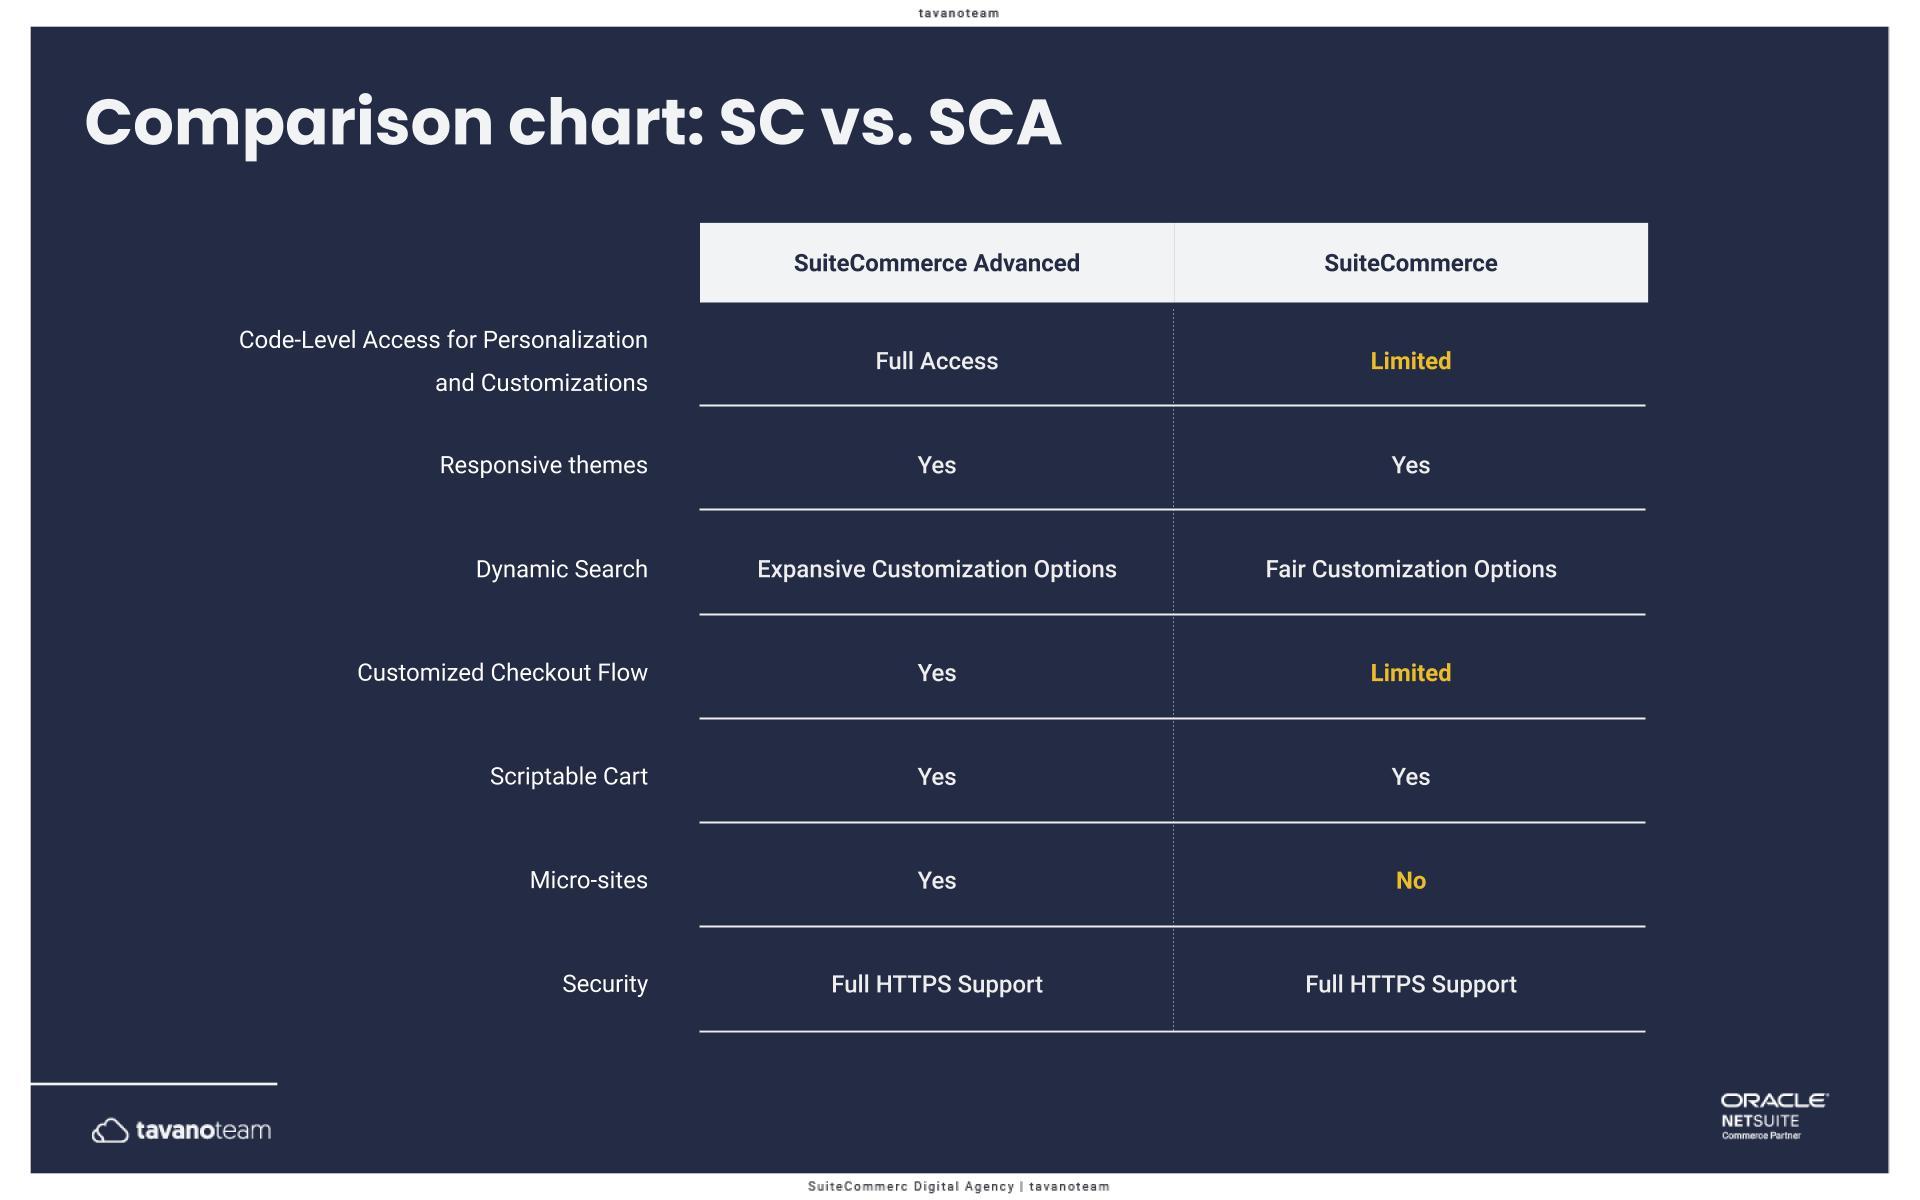 suitecommerce-vs-suitecommerce-advanced-netsuite-comparison-chart